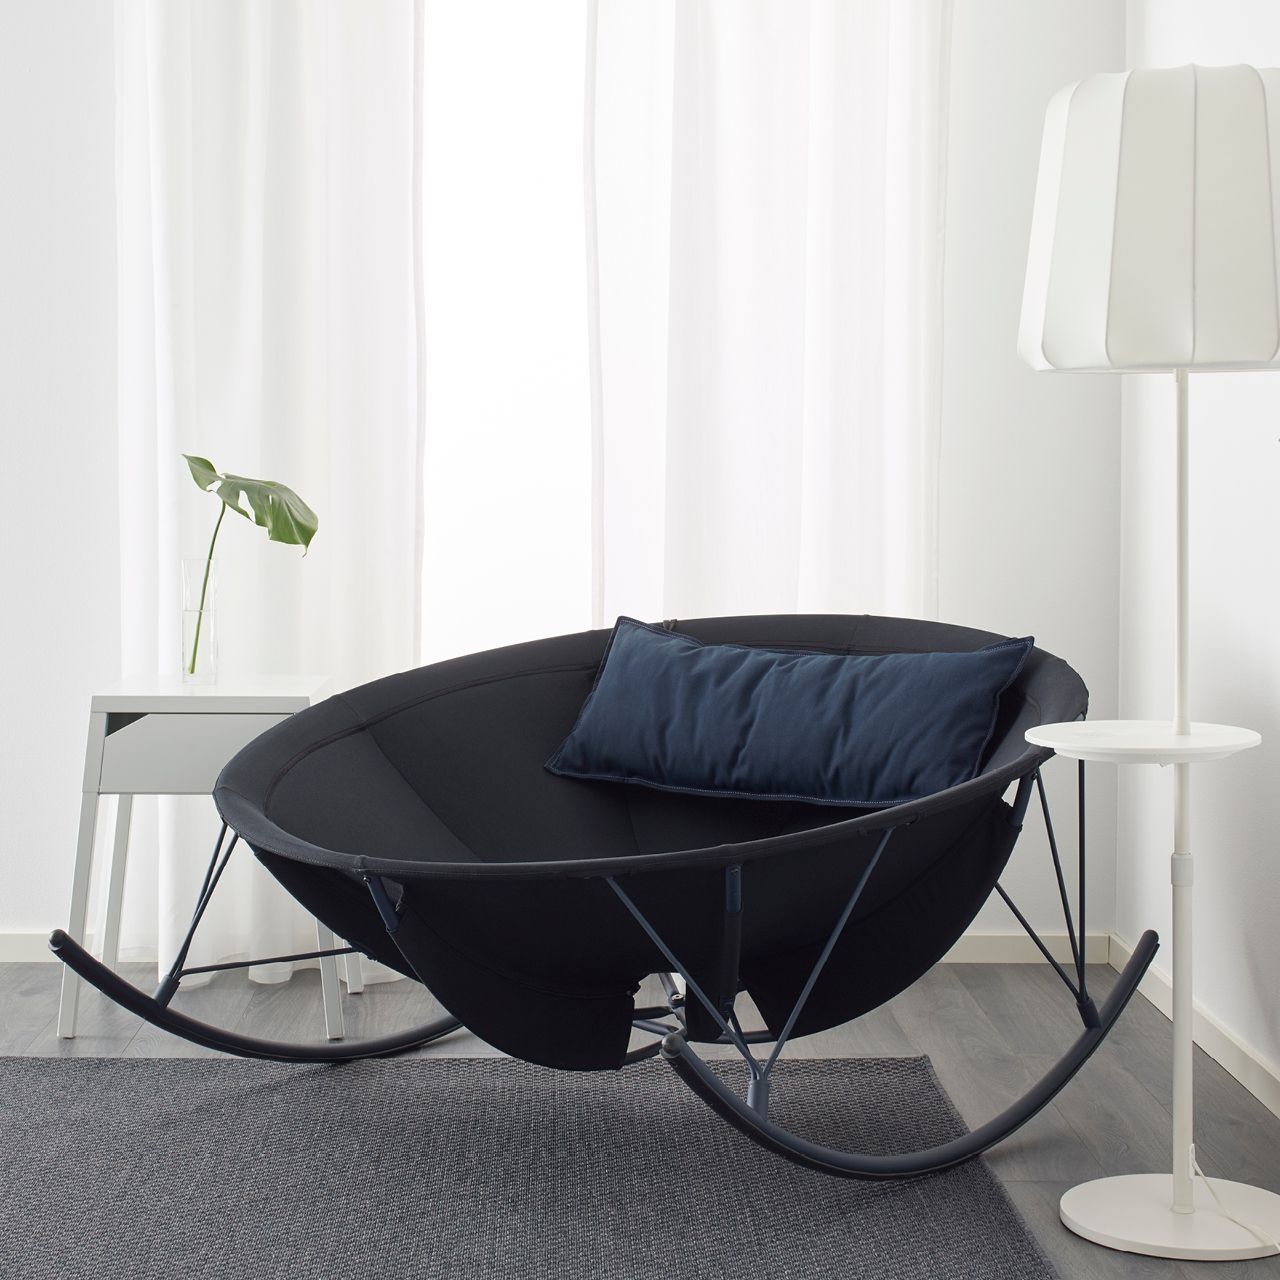 Australia Ikea ps, Furniture design, Home furniture